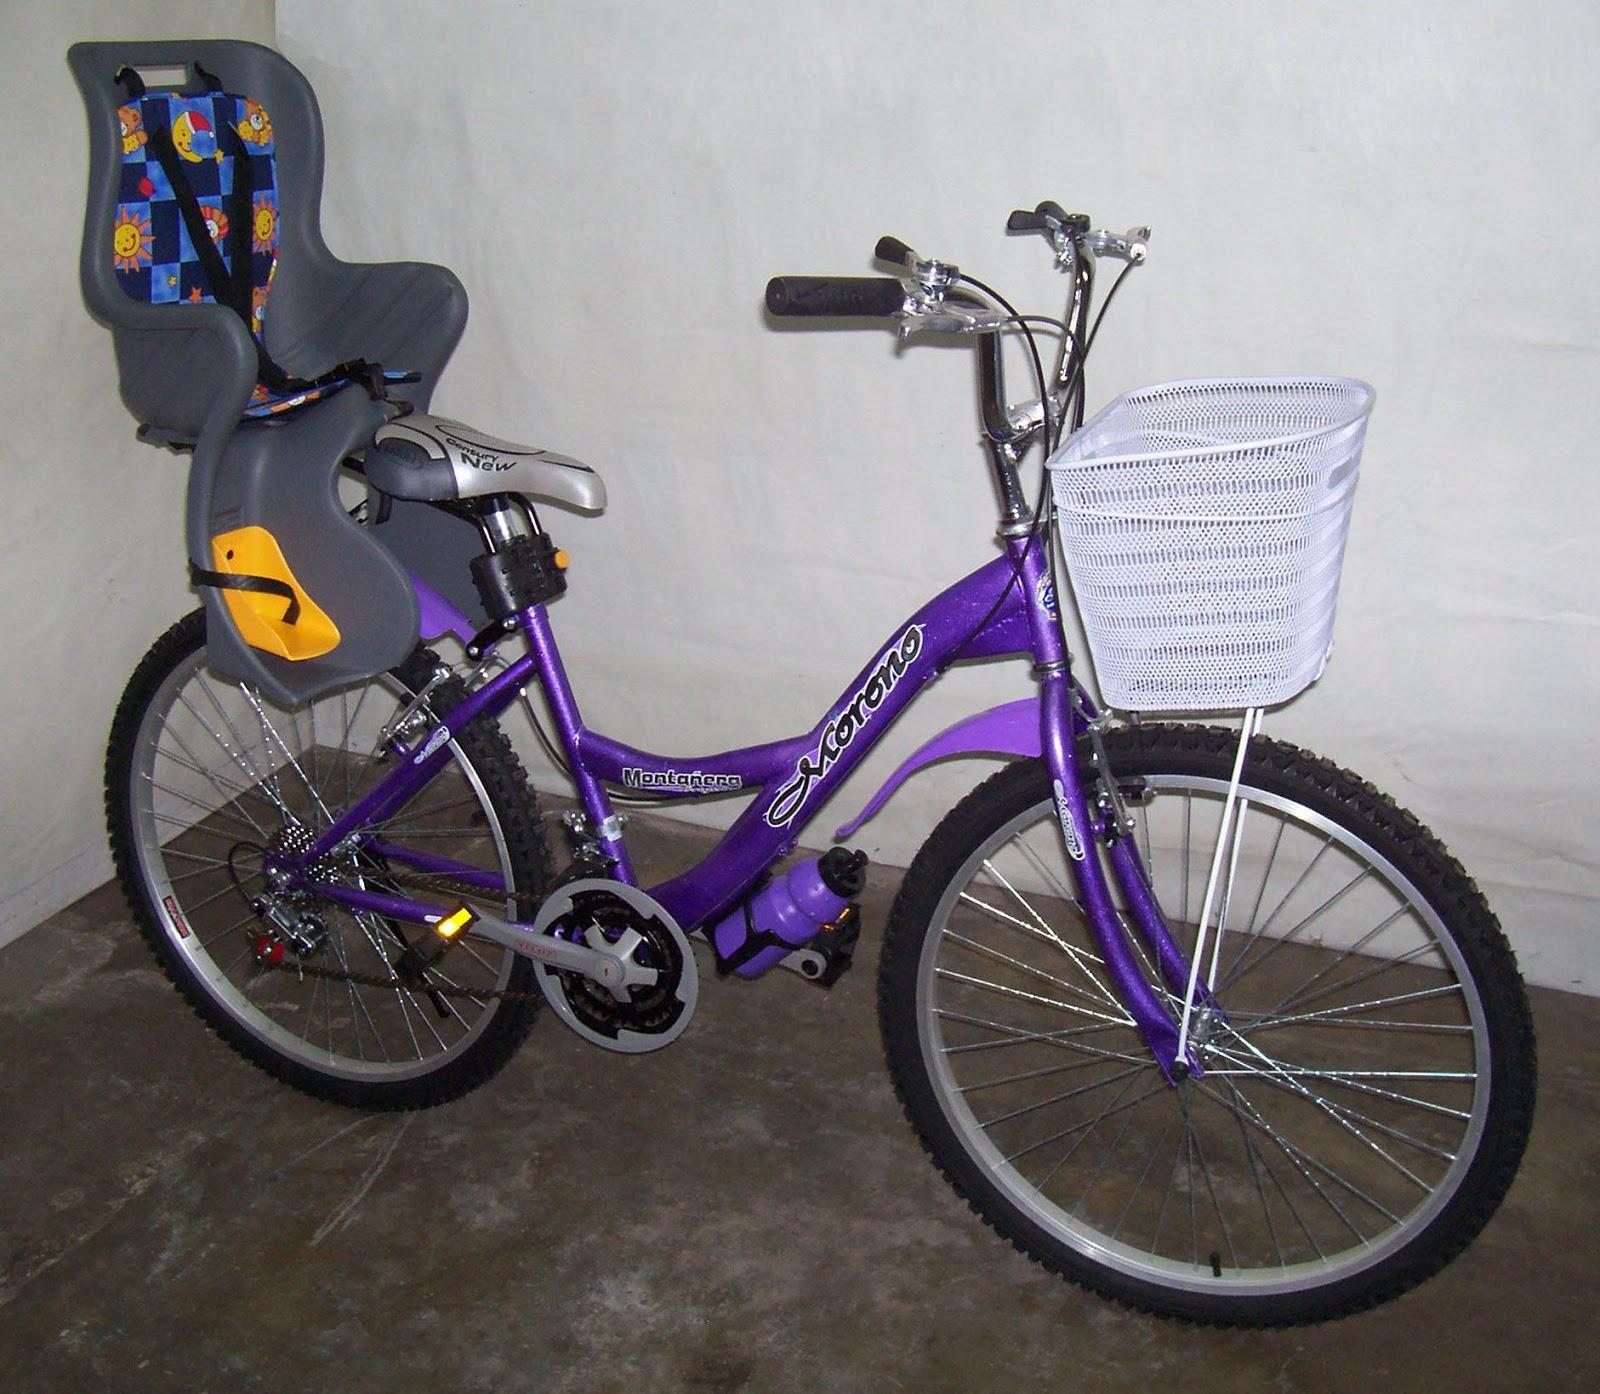 Silla porta bebe p ra bicicleta made in taiwan s 179 00 en mercado libre - Silla bebe bicicleta delantera ...